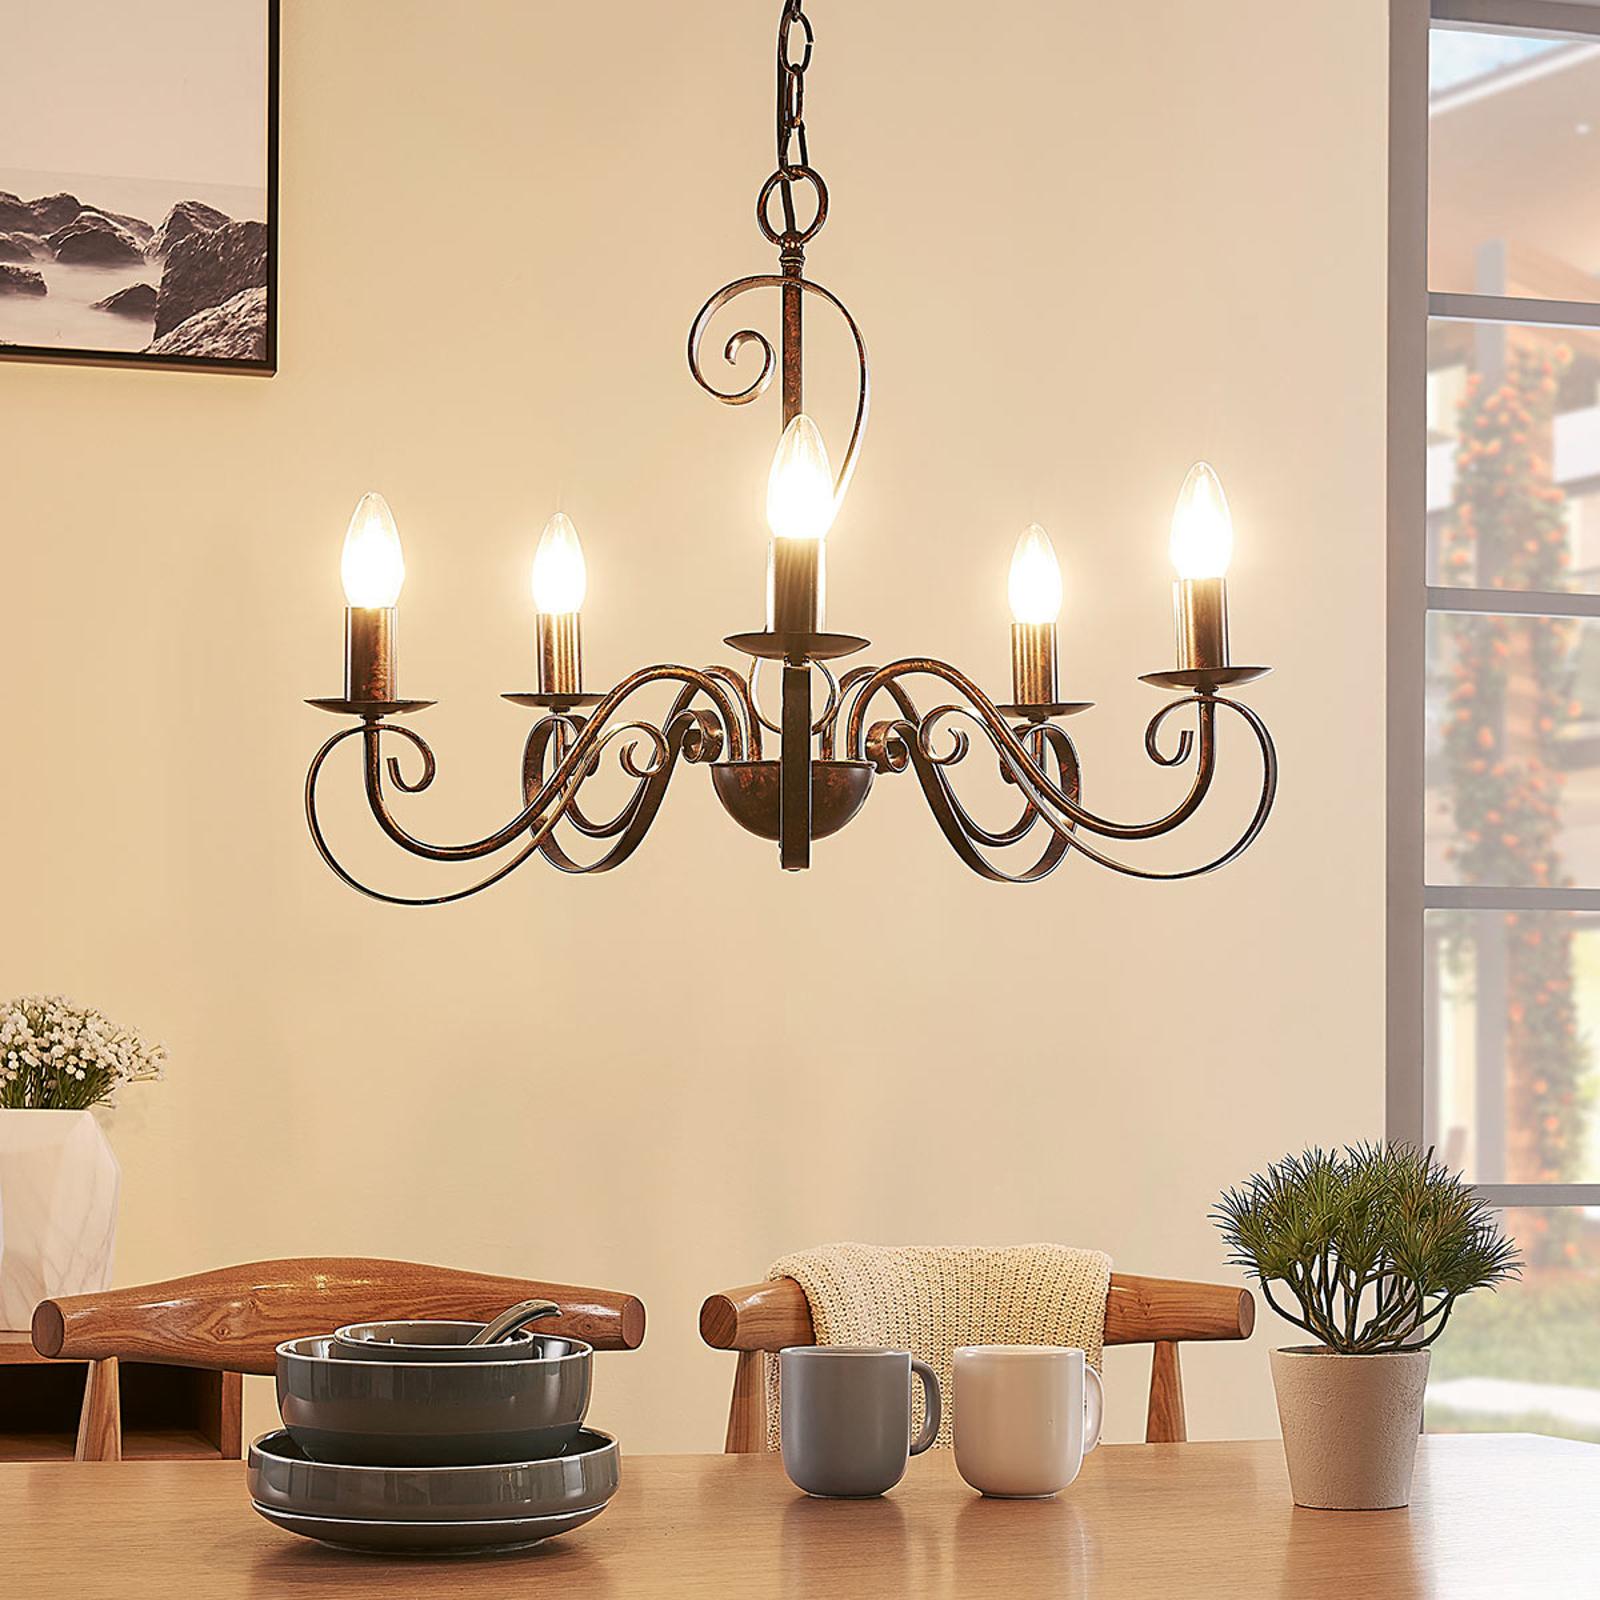 Lámpara de arañaCaleb con 5 luces, color óxido